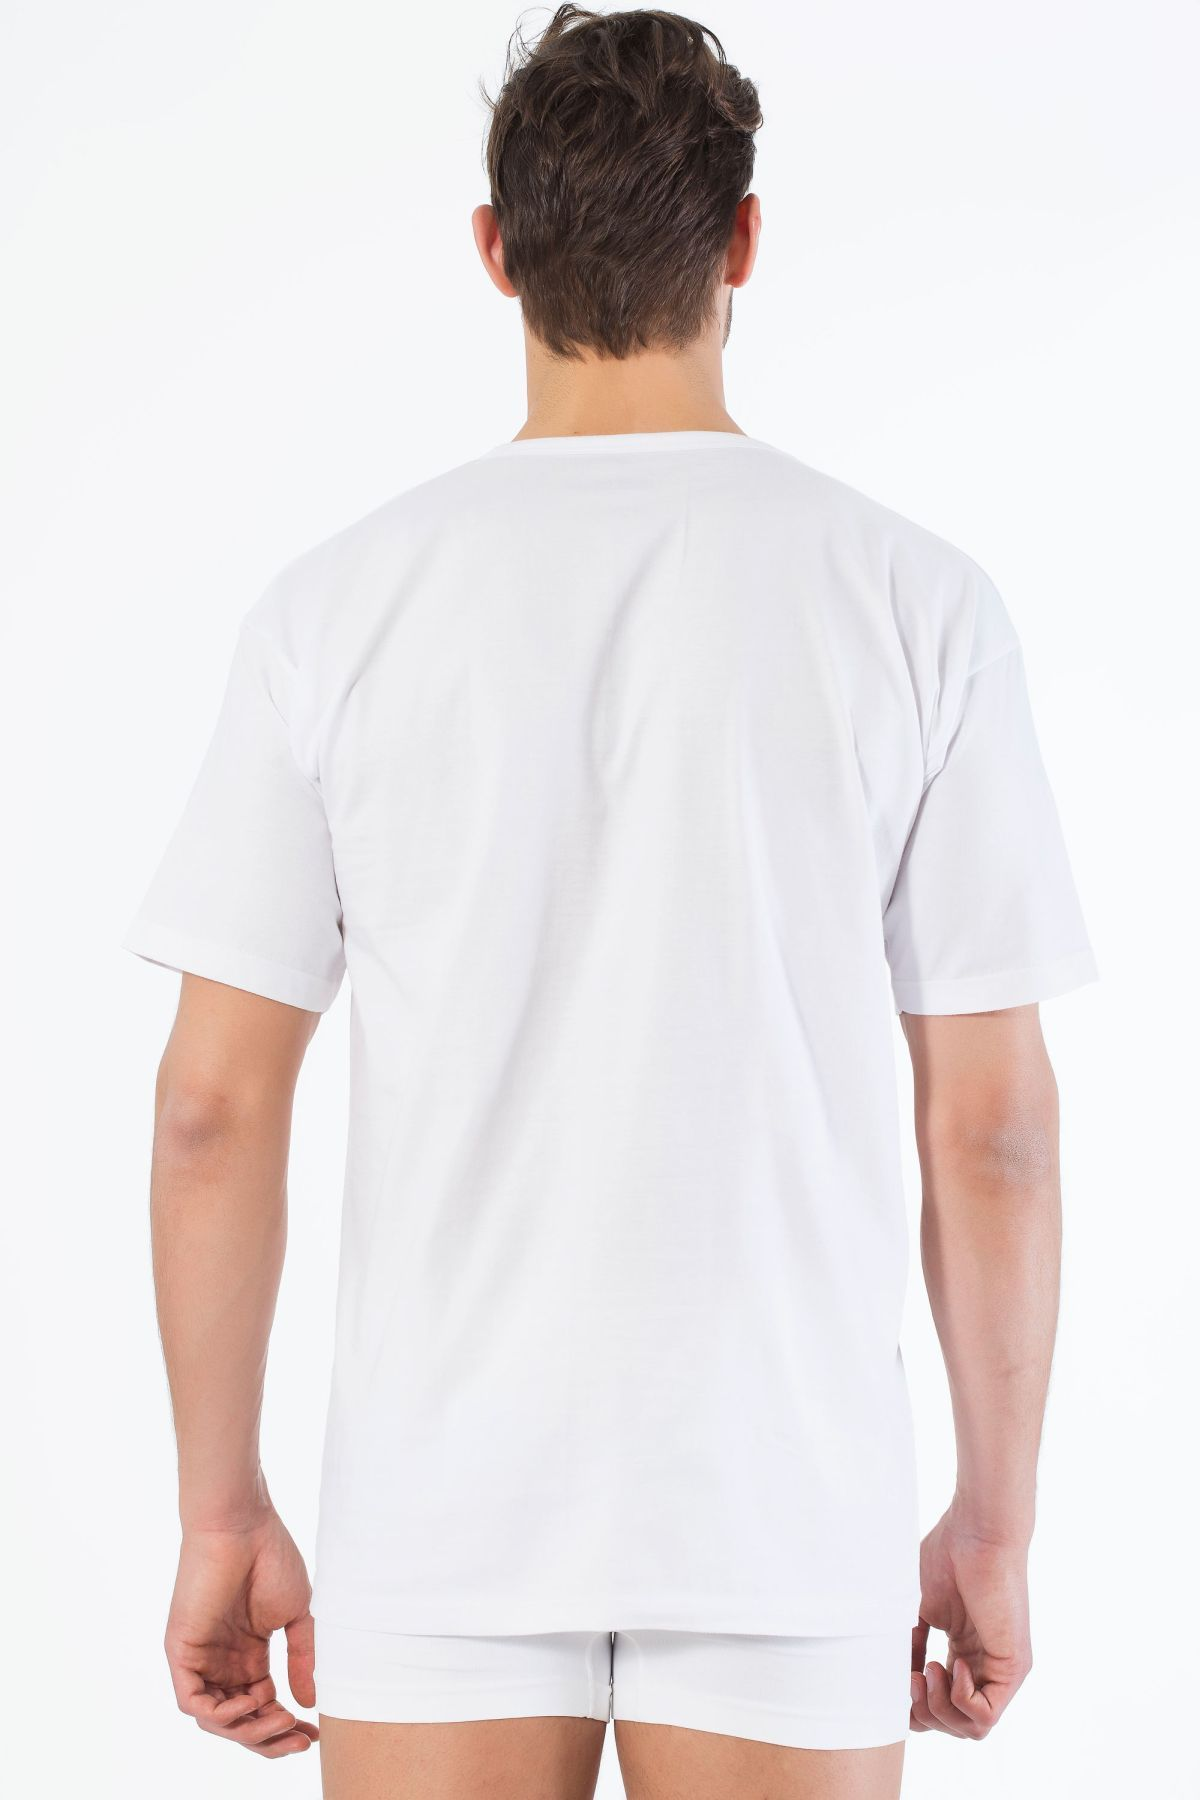 Beyaz Pamuklu V Yaka Kısa Kol T-Shirt